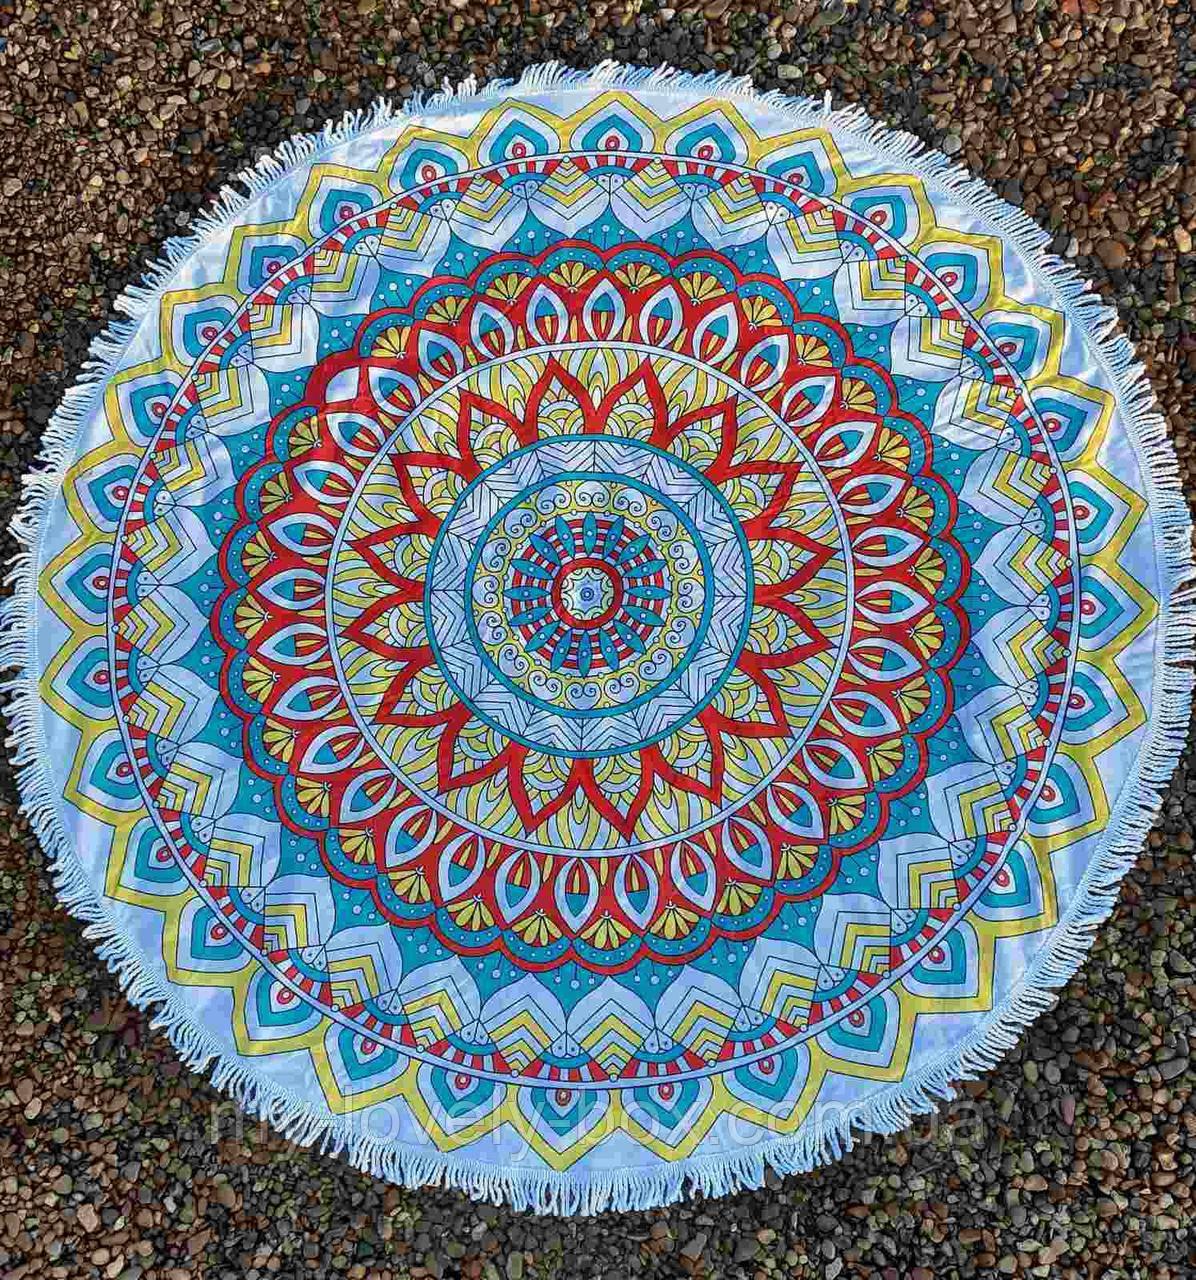 Полотенце-коврик пляжное круглое орнамент (Арт. TPA113/1)